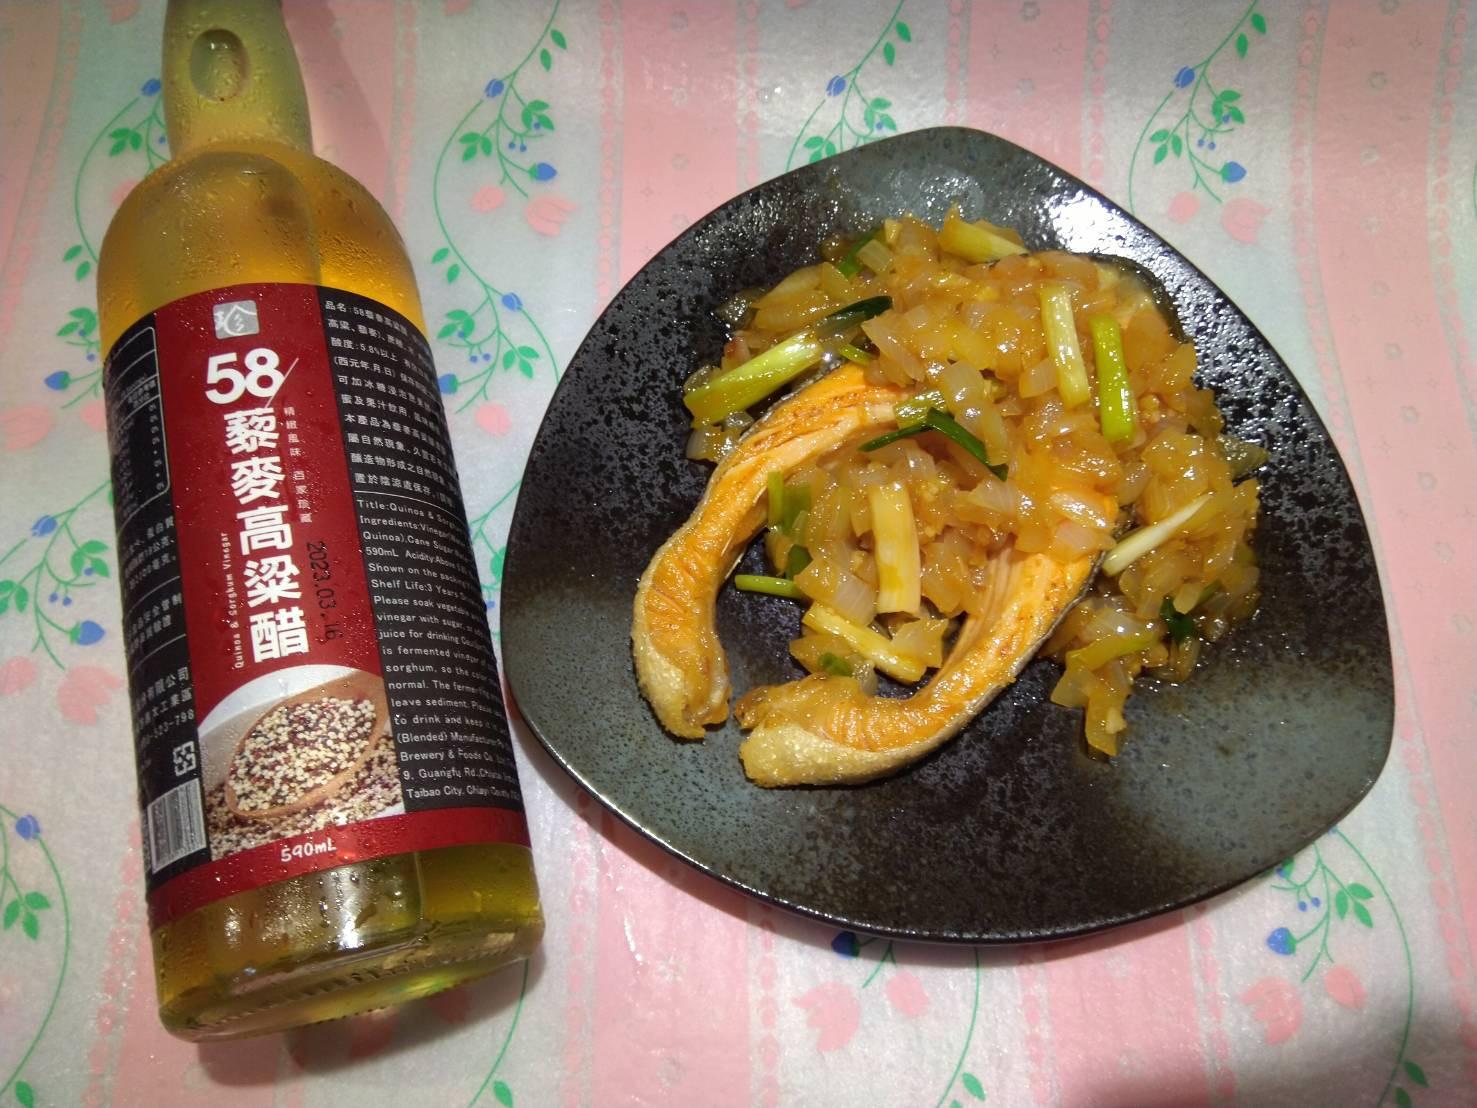 糖醋鮭魚【58藜麥高粱醋】